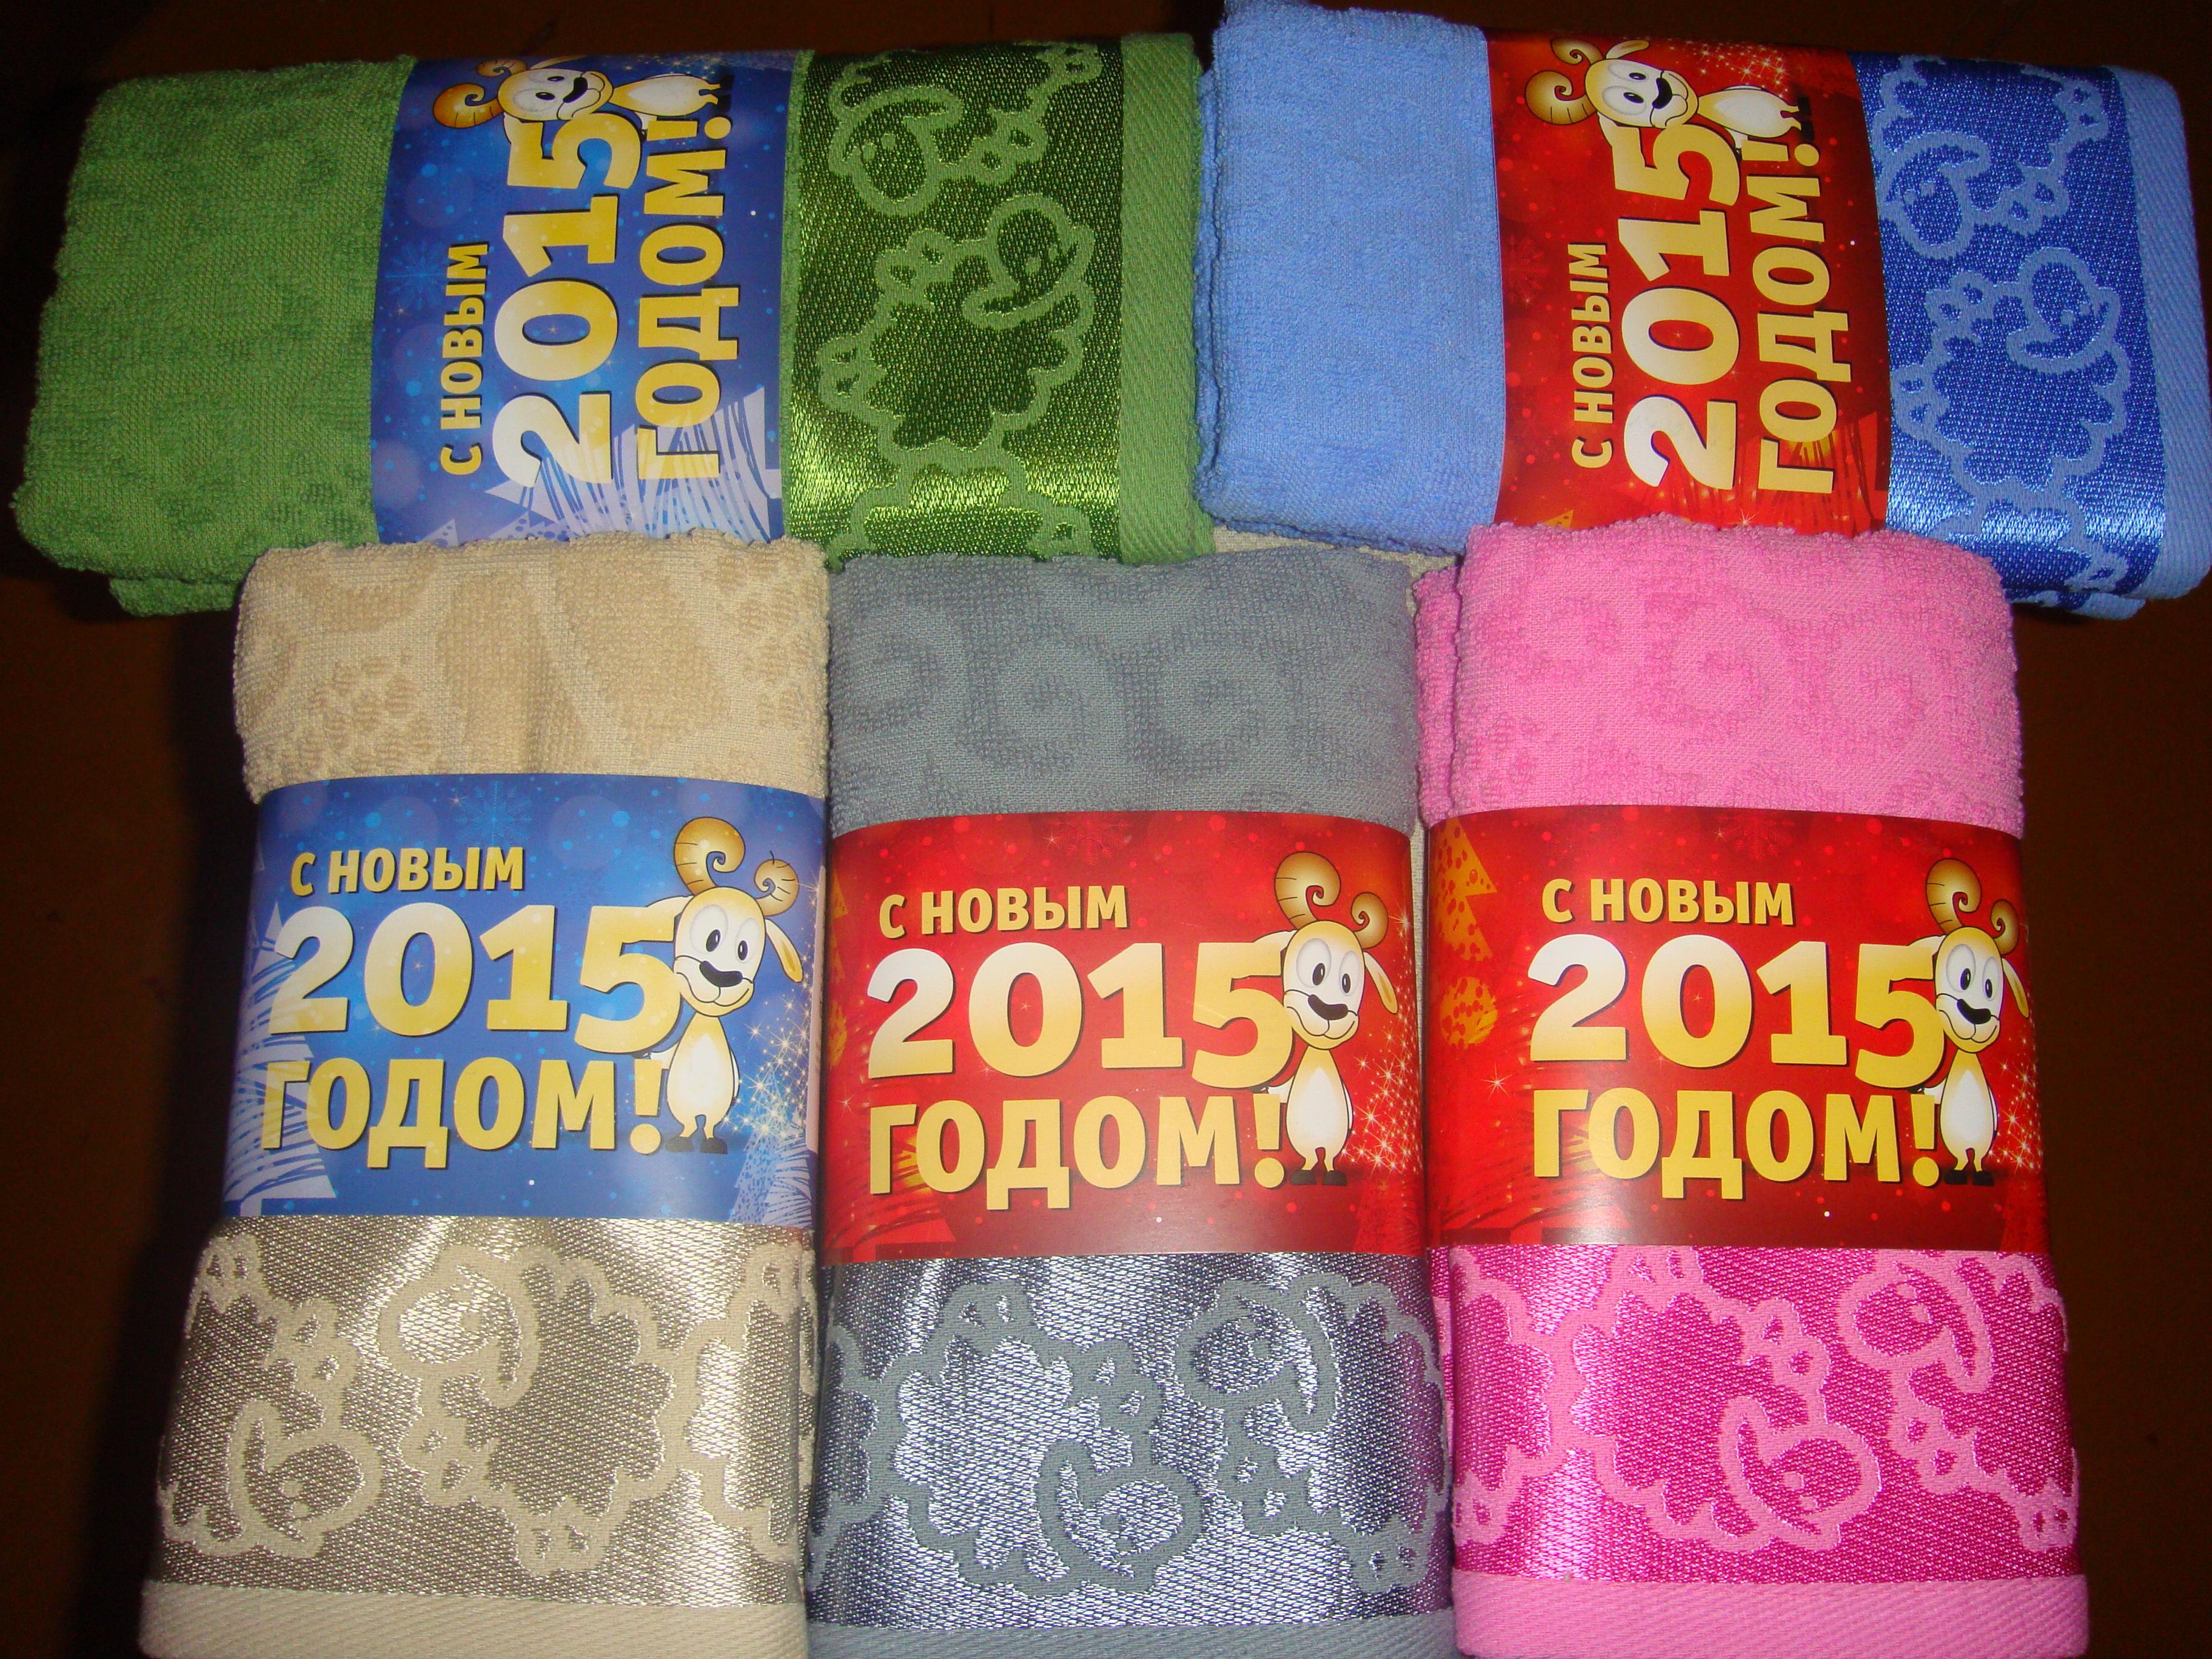 Сбор заказов. Шуйские ситцы- КПБ, одеяла, подушки, скатерти, полотенца и многое другое 24. Готовим подарки к новому